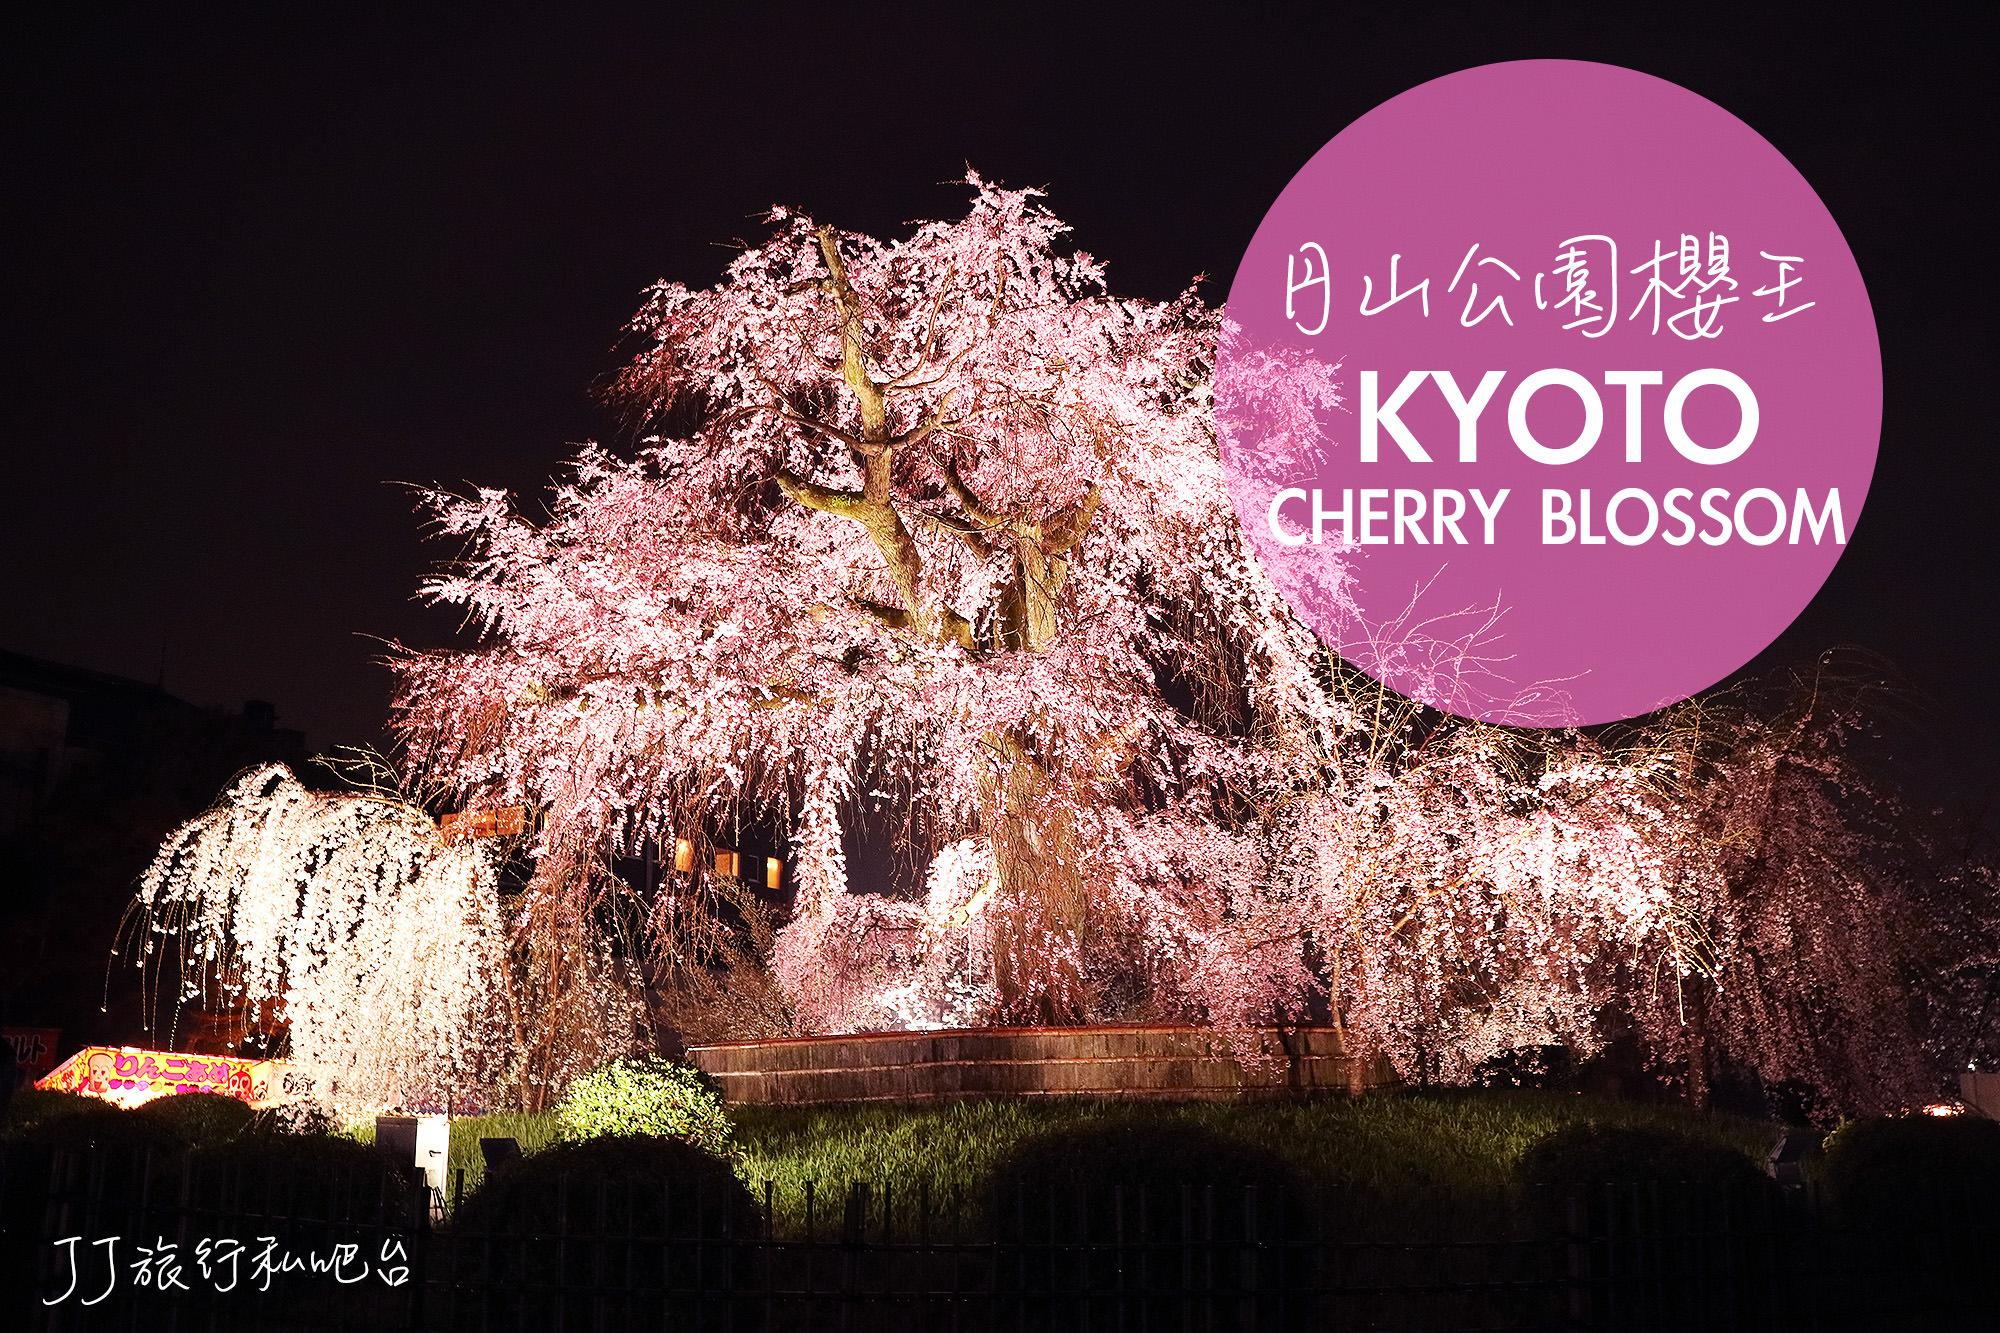 日本|關西京都賞櫻推薦!八阪神社円山公園櫻王,不能錯過的夜櫻景點